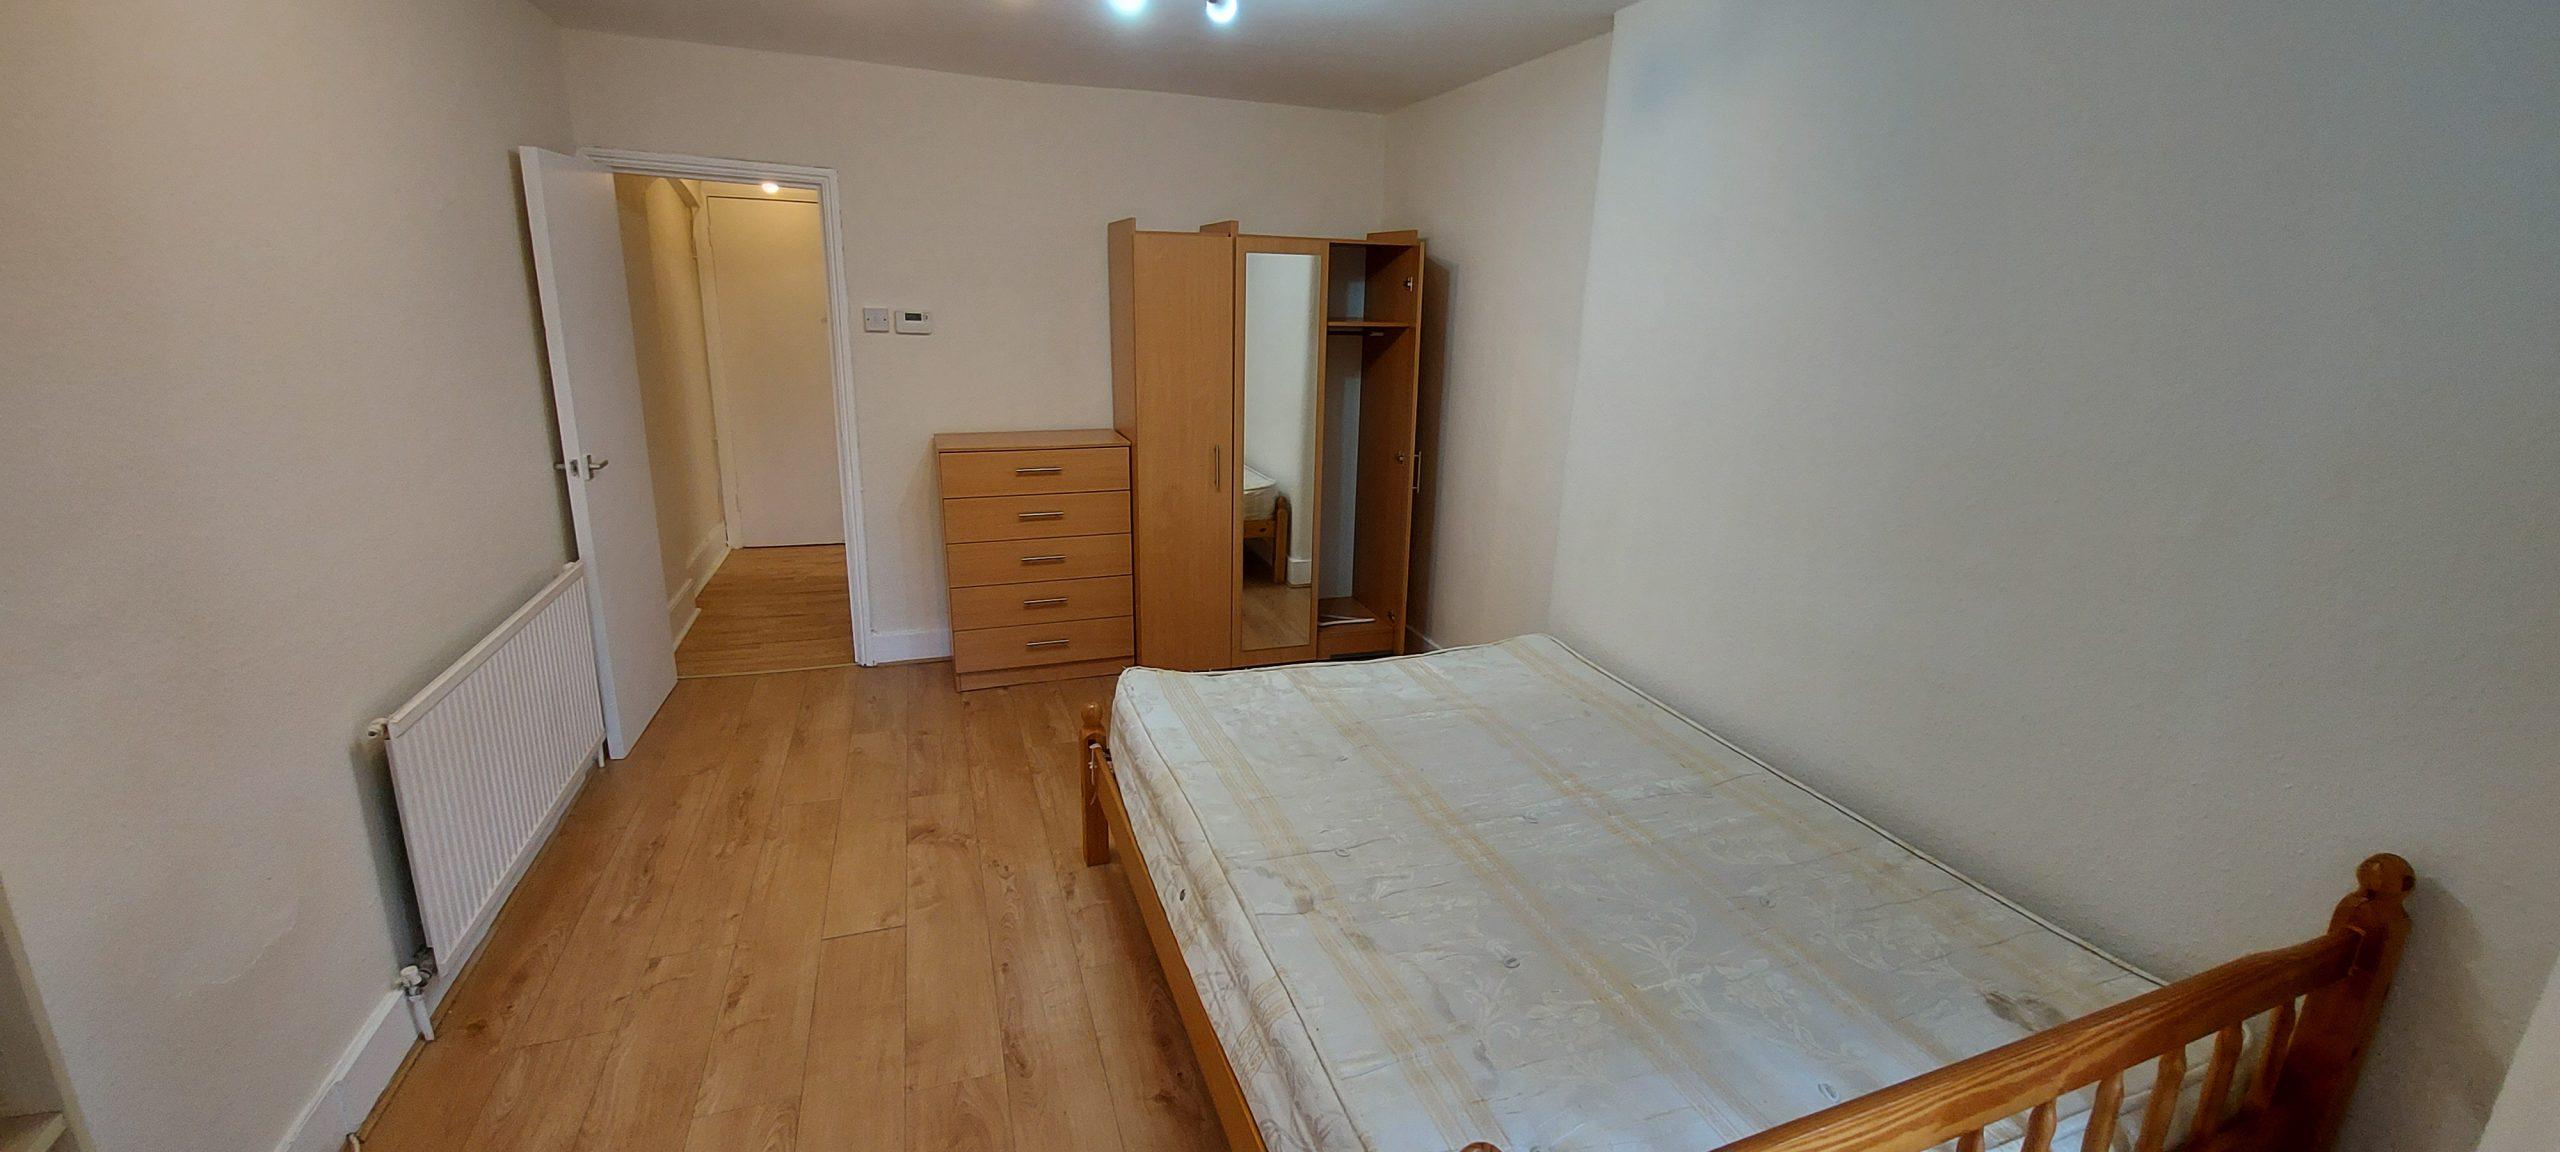 1 Bed Flat Wightman Road N4 1RL